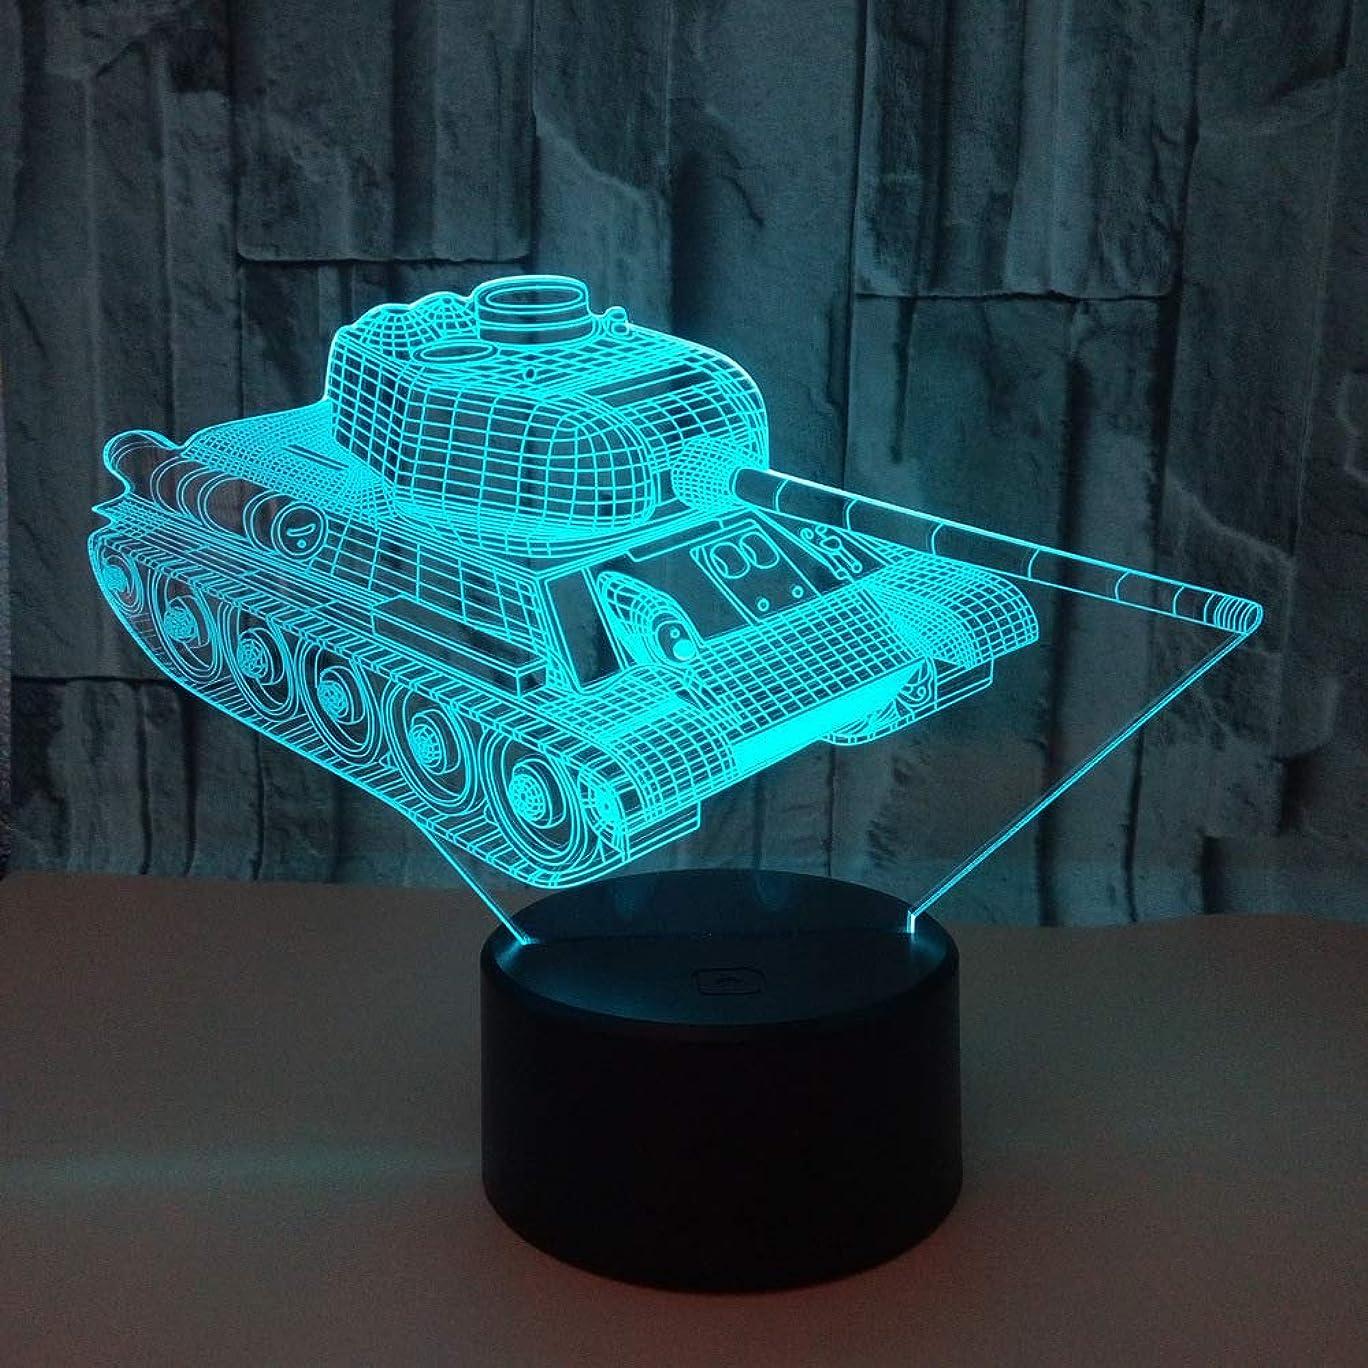 幻滅する散らす名前を作る3Dイリュージョンナイトライト現代のLEDテーブルデスクランプタンク常夜灯、7色タッチコントロールを変更するUSB??充電照明寝室の家の装飾、最高の贈り物のアイデア子供たち